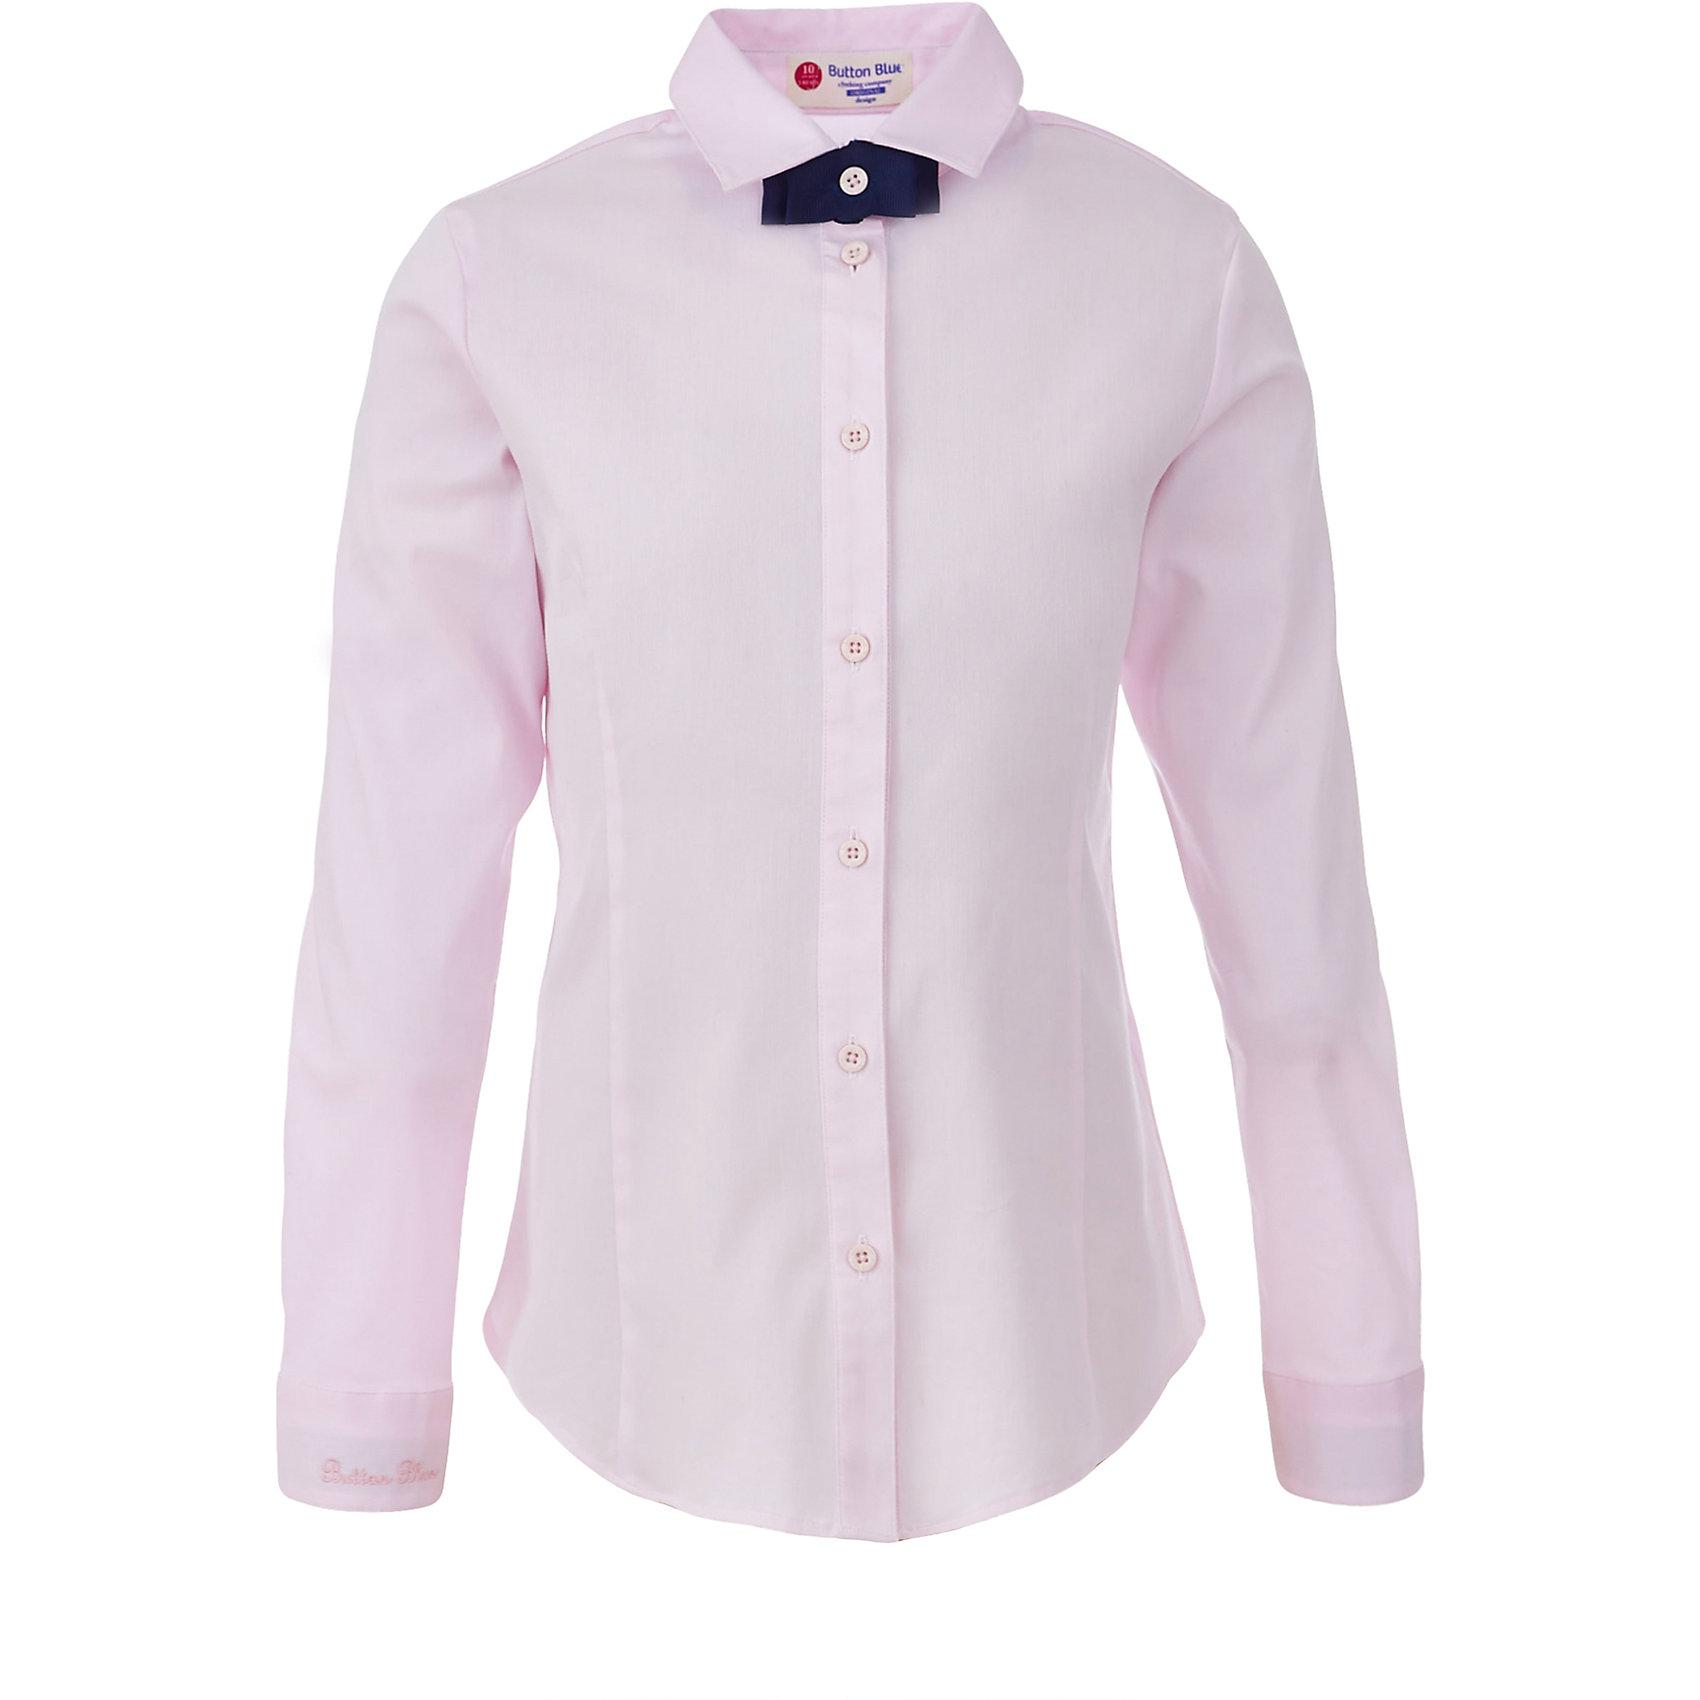 Блузка для девочки BUTTON BLUEБлузки и рубашки<br>Блузка для девочки BUTTON BLUE<br>Блузки для школы купить не сложно, но выбрать модель, сочетающую прекрасный состав, элегантный дизайн, привлекательную цену, не так уж и легко. Купить красивую школьную блузку для девочки недорого возможно, если это блузка от Button Blue!  Розовая школьная блузка с бантиком сделает каждый день ребенка комфортным!<br>Состав:<br>61% хлопок,  36%нейлон,                3% эластан<br><br>Ширина мм: 186<br>Глубина мм: 87<br>Высота мм: 198<br>Вес г: 197<br>Цвет: розовый<br>Возраст от месяцев: 156<br>Возраст до месяцев: 168<br>Пол: Женский<br>Возраст: Детский<br>Размер: 164,122,128,134,140,146,152,158<br>SKU: 6739339